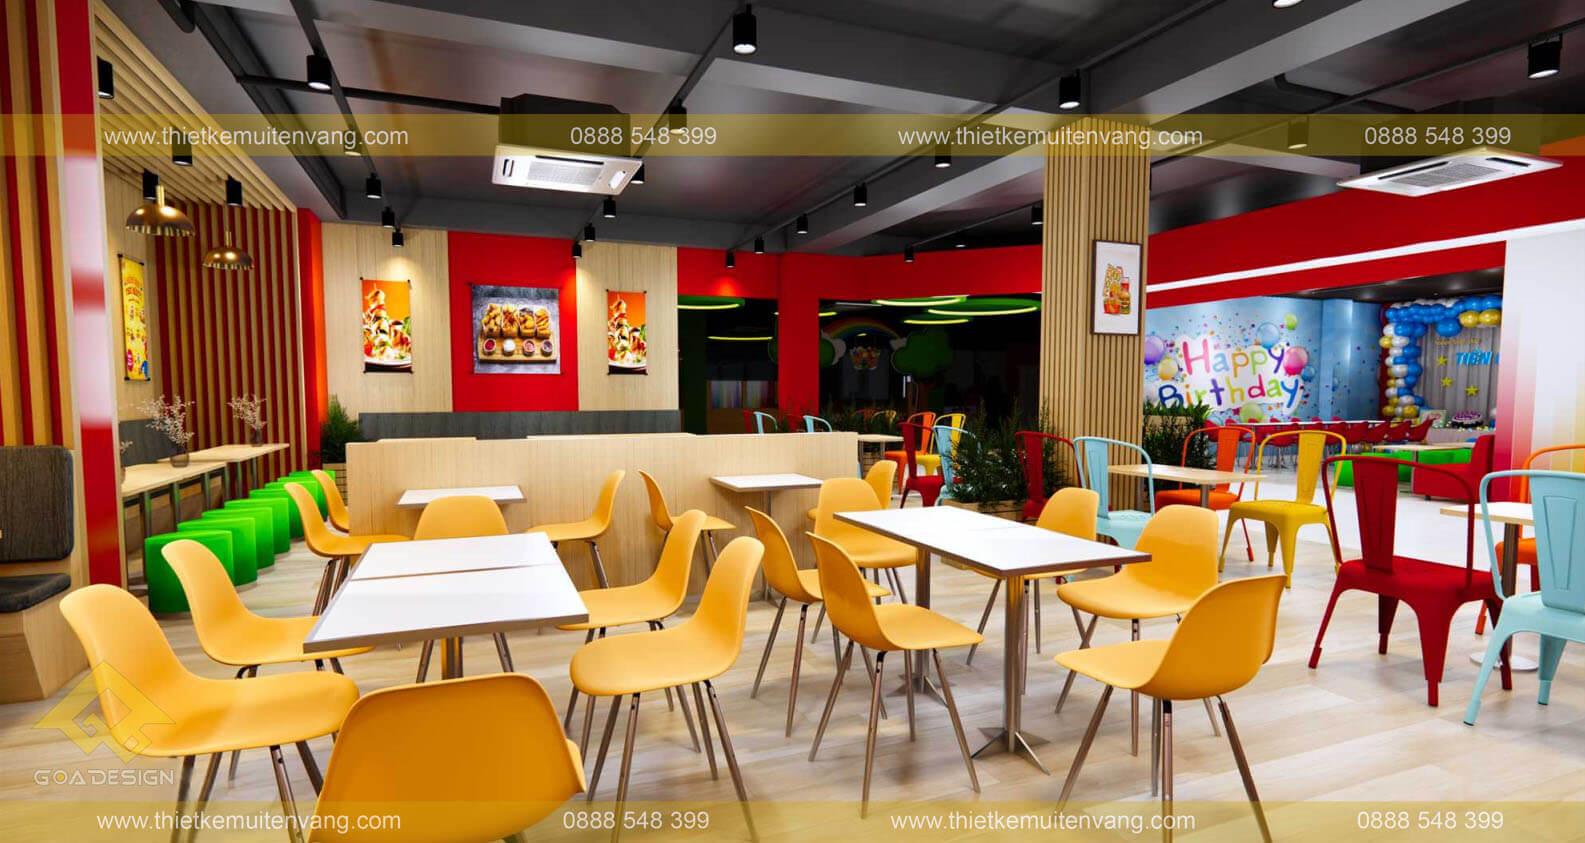 GOADESIGN Tư vấn thiết kế thi công Food & Drink Rio (22)